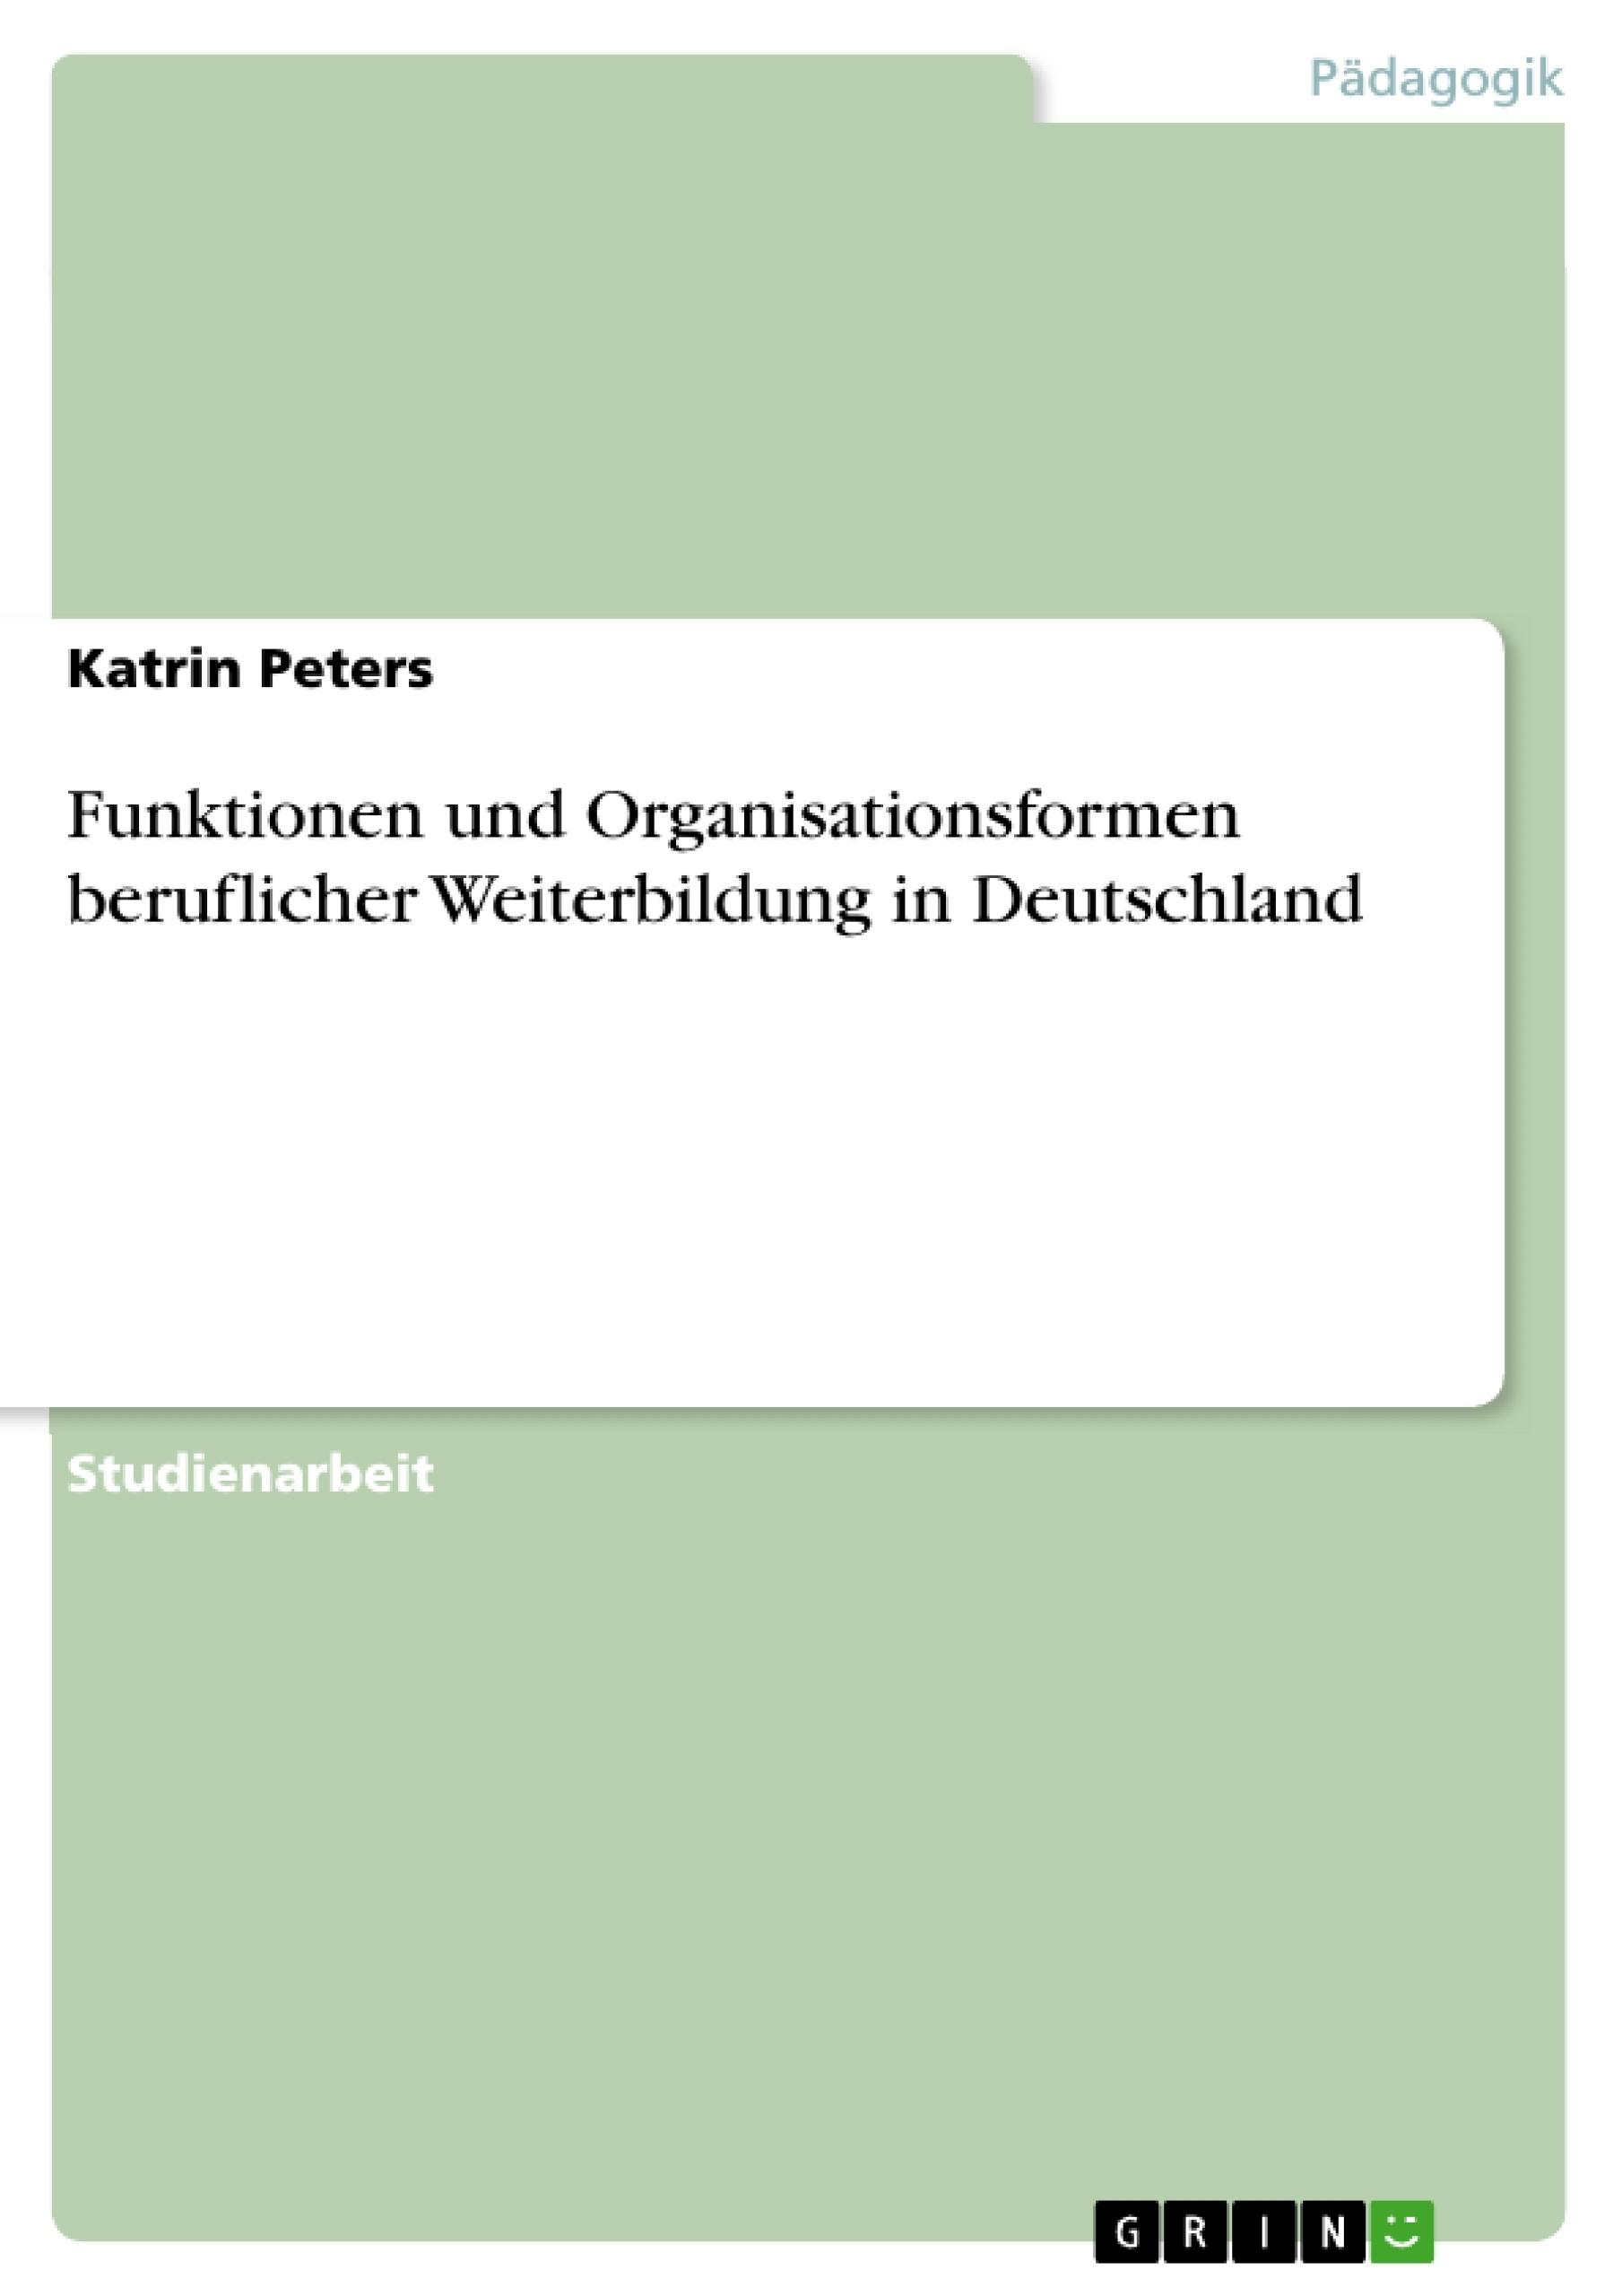 Titel: Funktionen und Organisationsformen beruflicher Weiterbildung in Deutschland